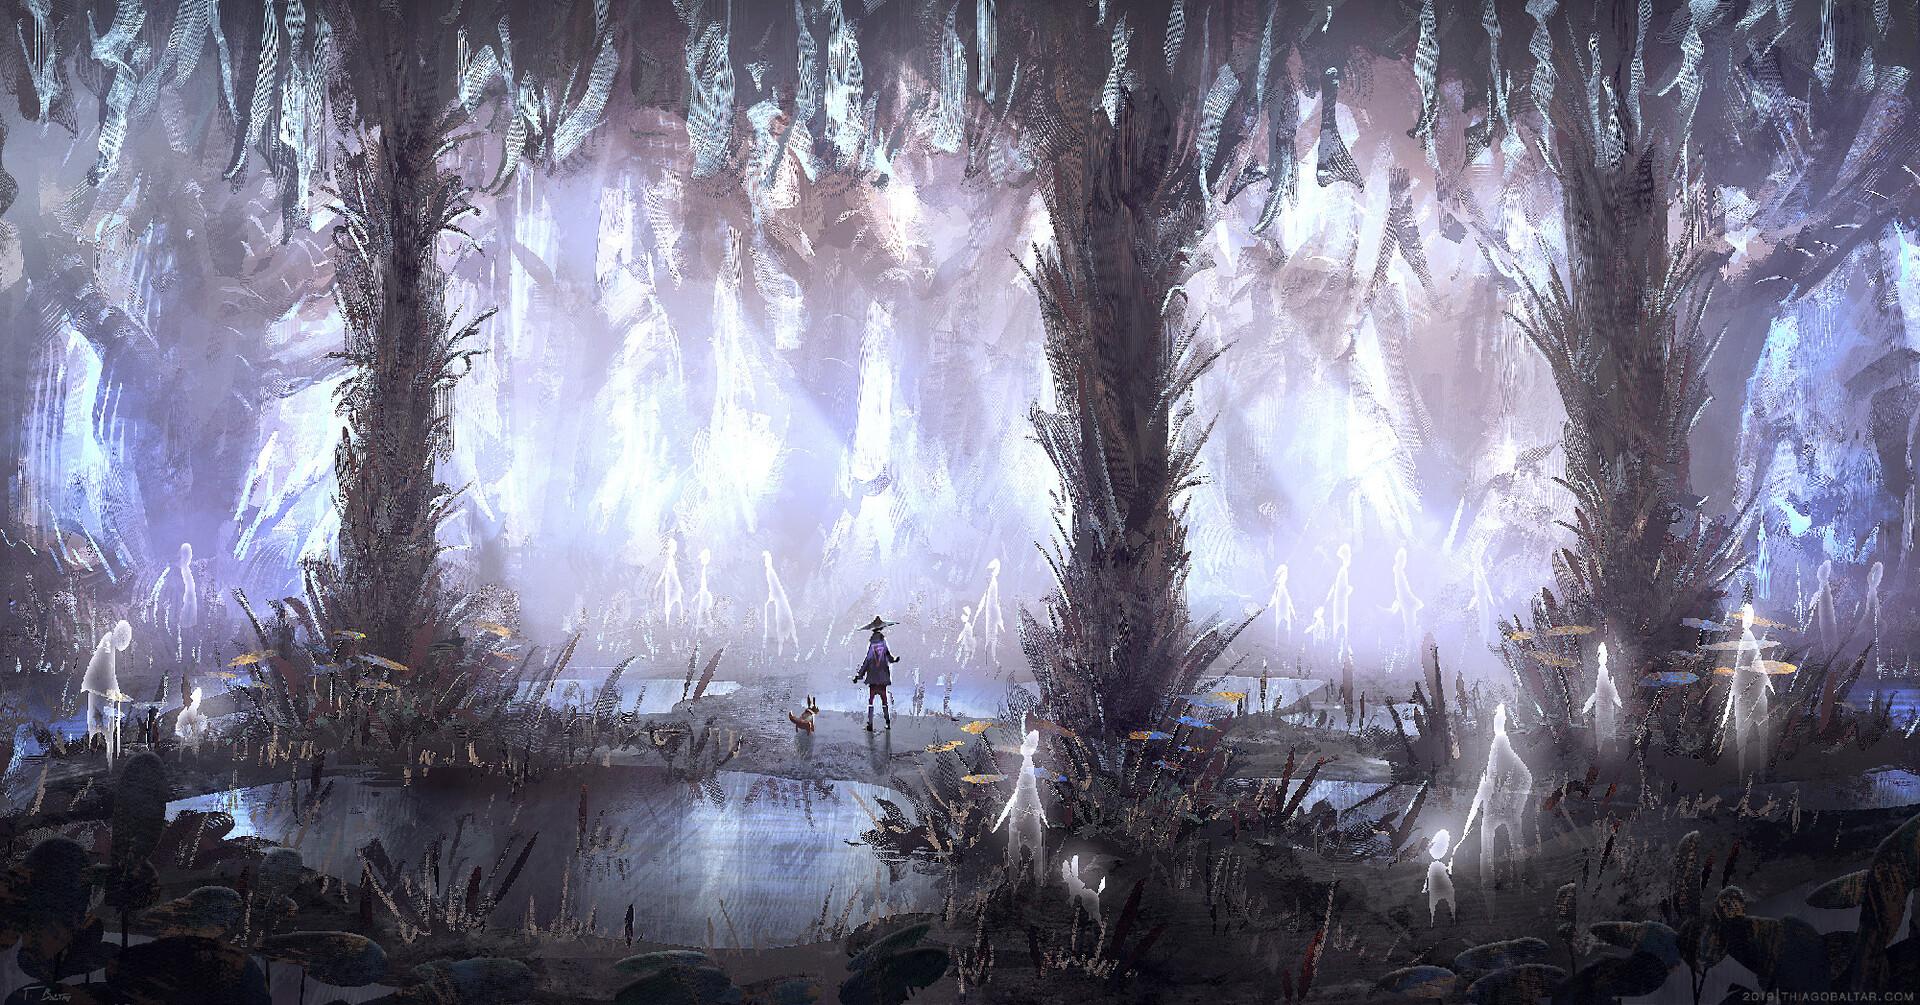 The forest of free souls  A maré estava cheia e foi preciso pegar um atalho pela antiga floresta das almas livres.  --  The tide was full and it was necessary to take a shortcut through the ancient forest of free souls.